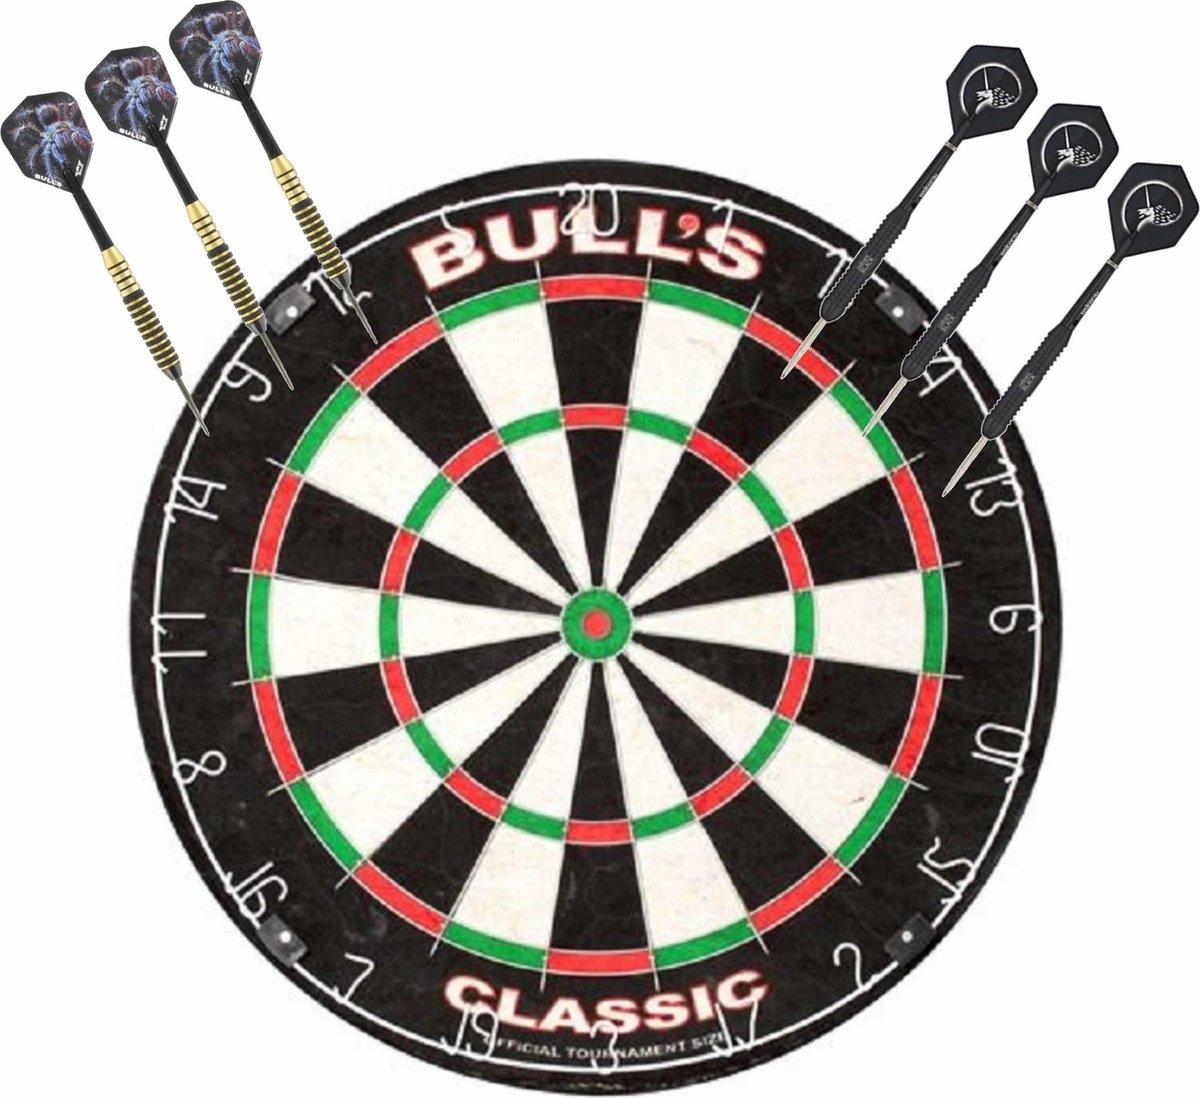 Professioneel dartbord Bulls The Classic incl 2 sets dartpijlen 22 grams - Sportief spelen - Darten/darts - Dartborden voor kinderen en volwassenen.